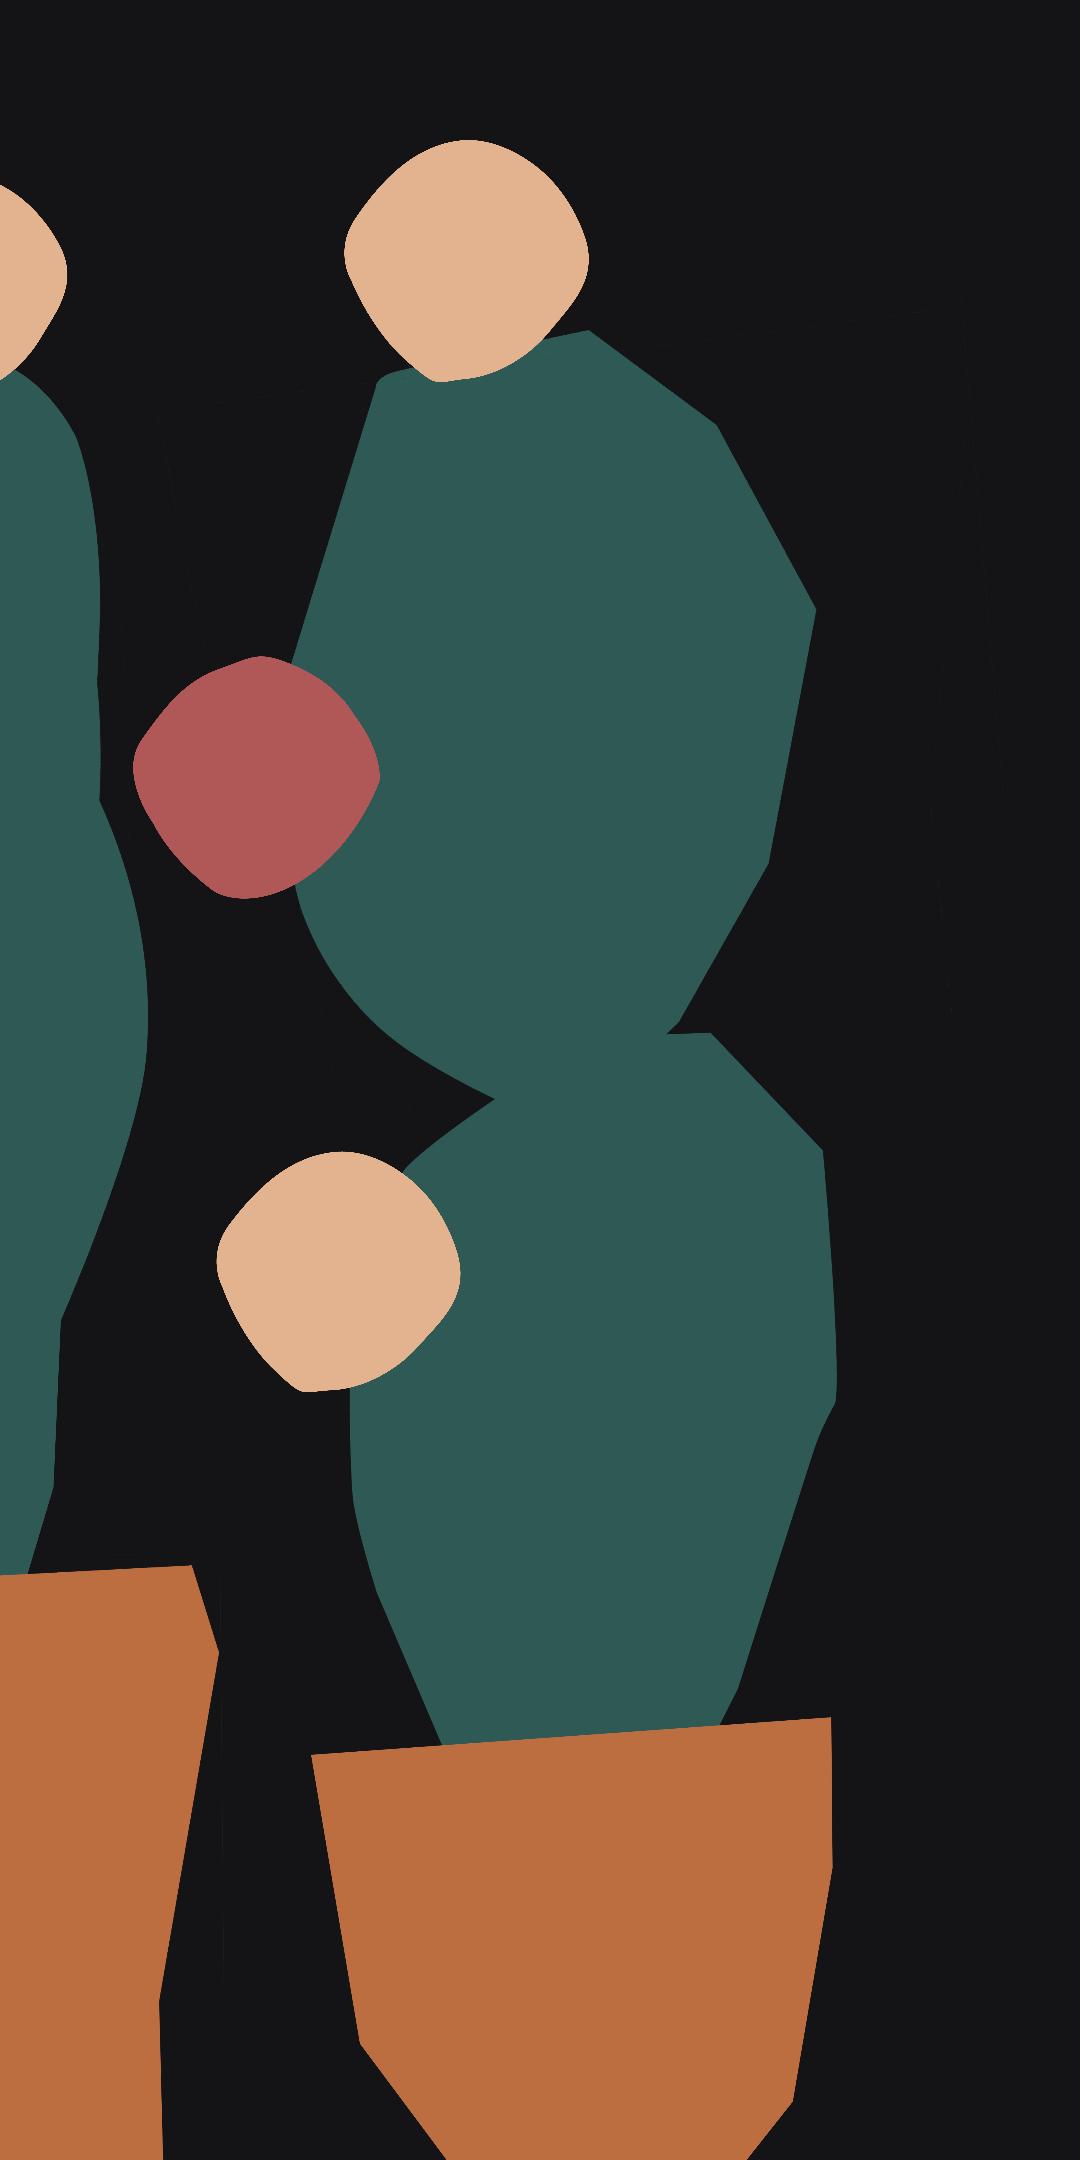 Google Pixel 4XL Wallpapers - Wallpaper Cave